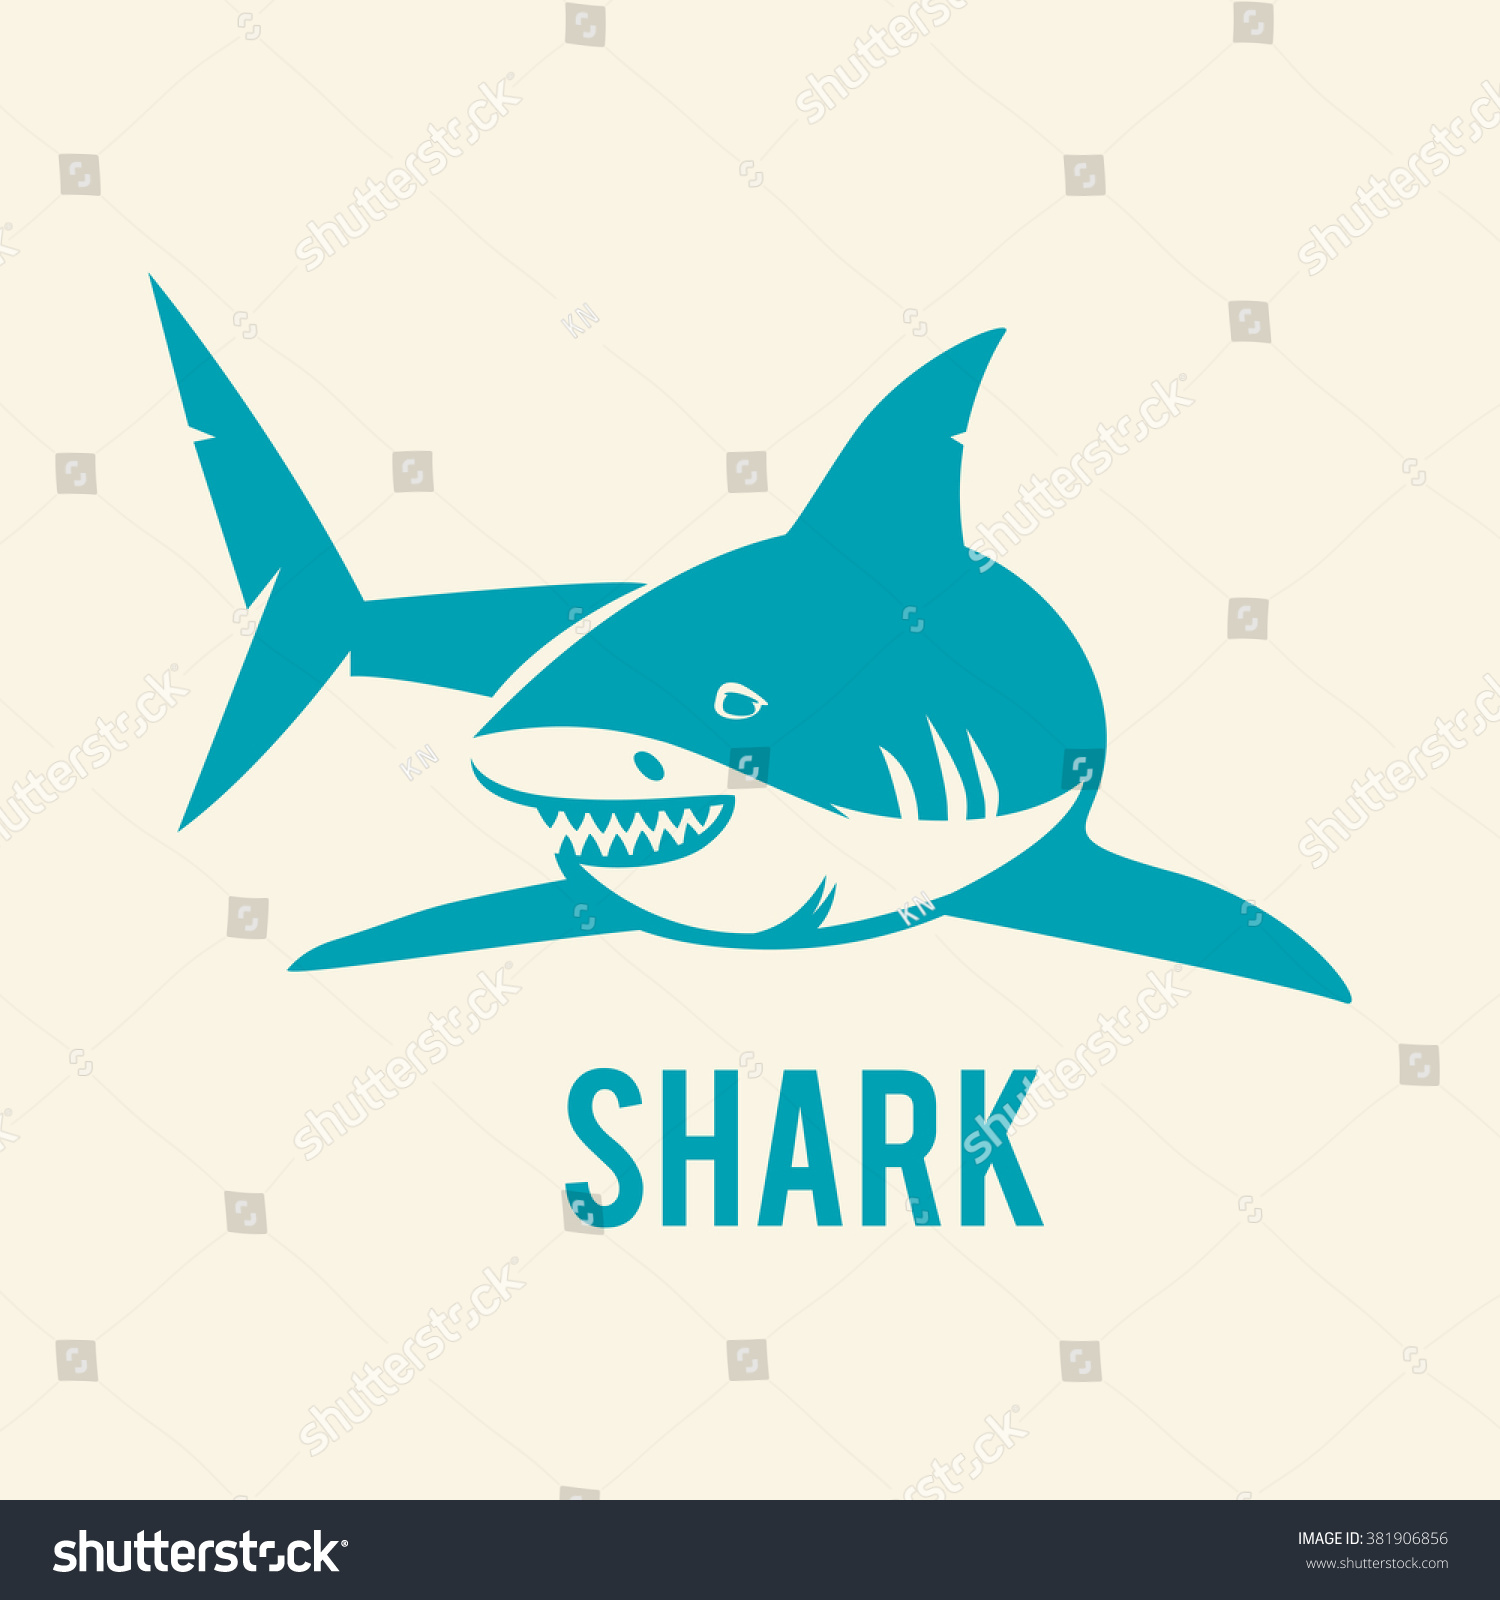 shark logos images